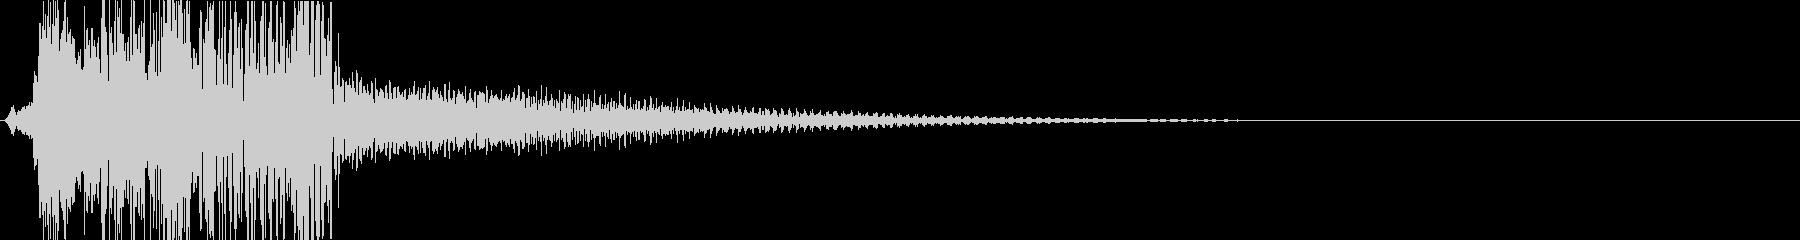 KANT 巨大ロボット系機械の足音4の未再生の波形